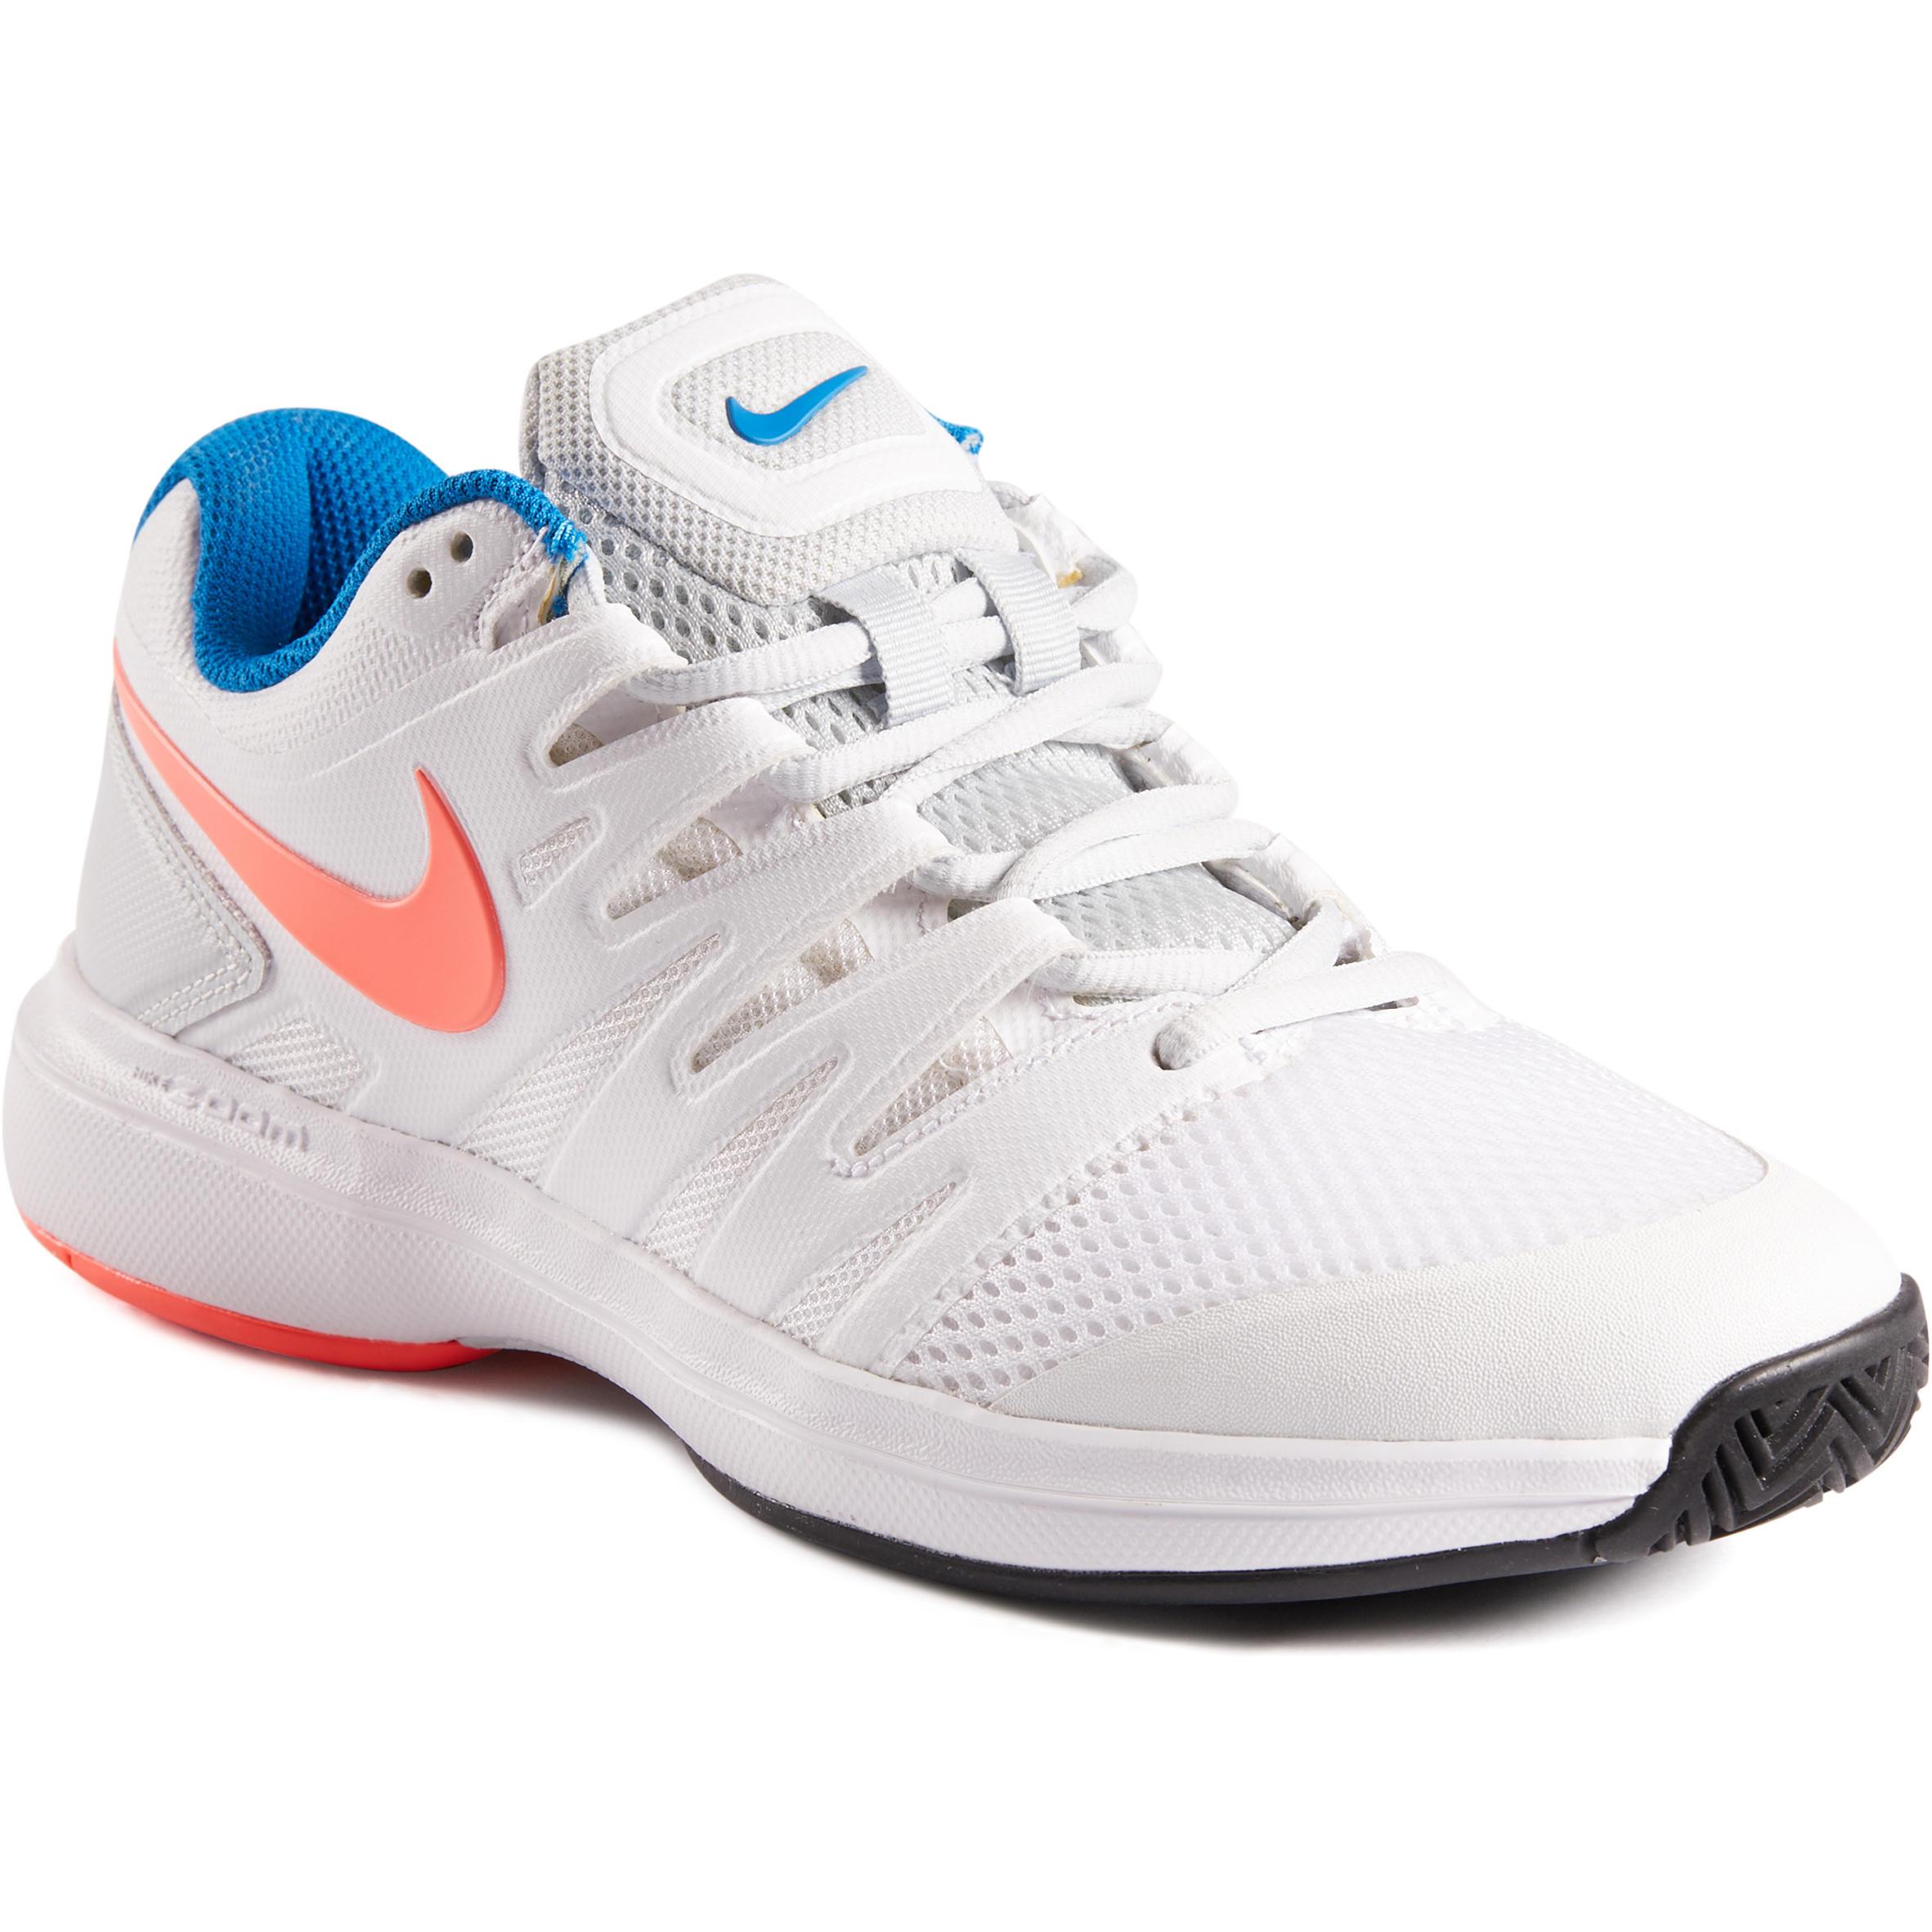 a4c0418b01a Nike Tennisschoenen voor dames Zoom Prestige wit/roze | Decathlon